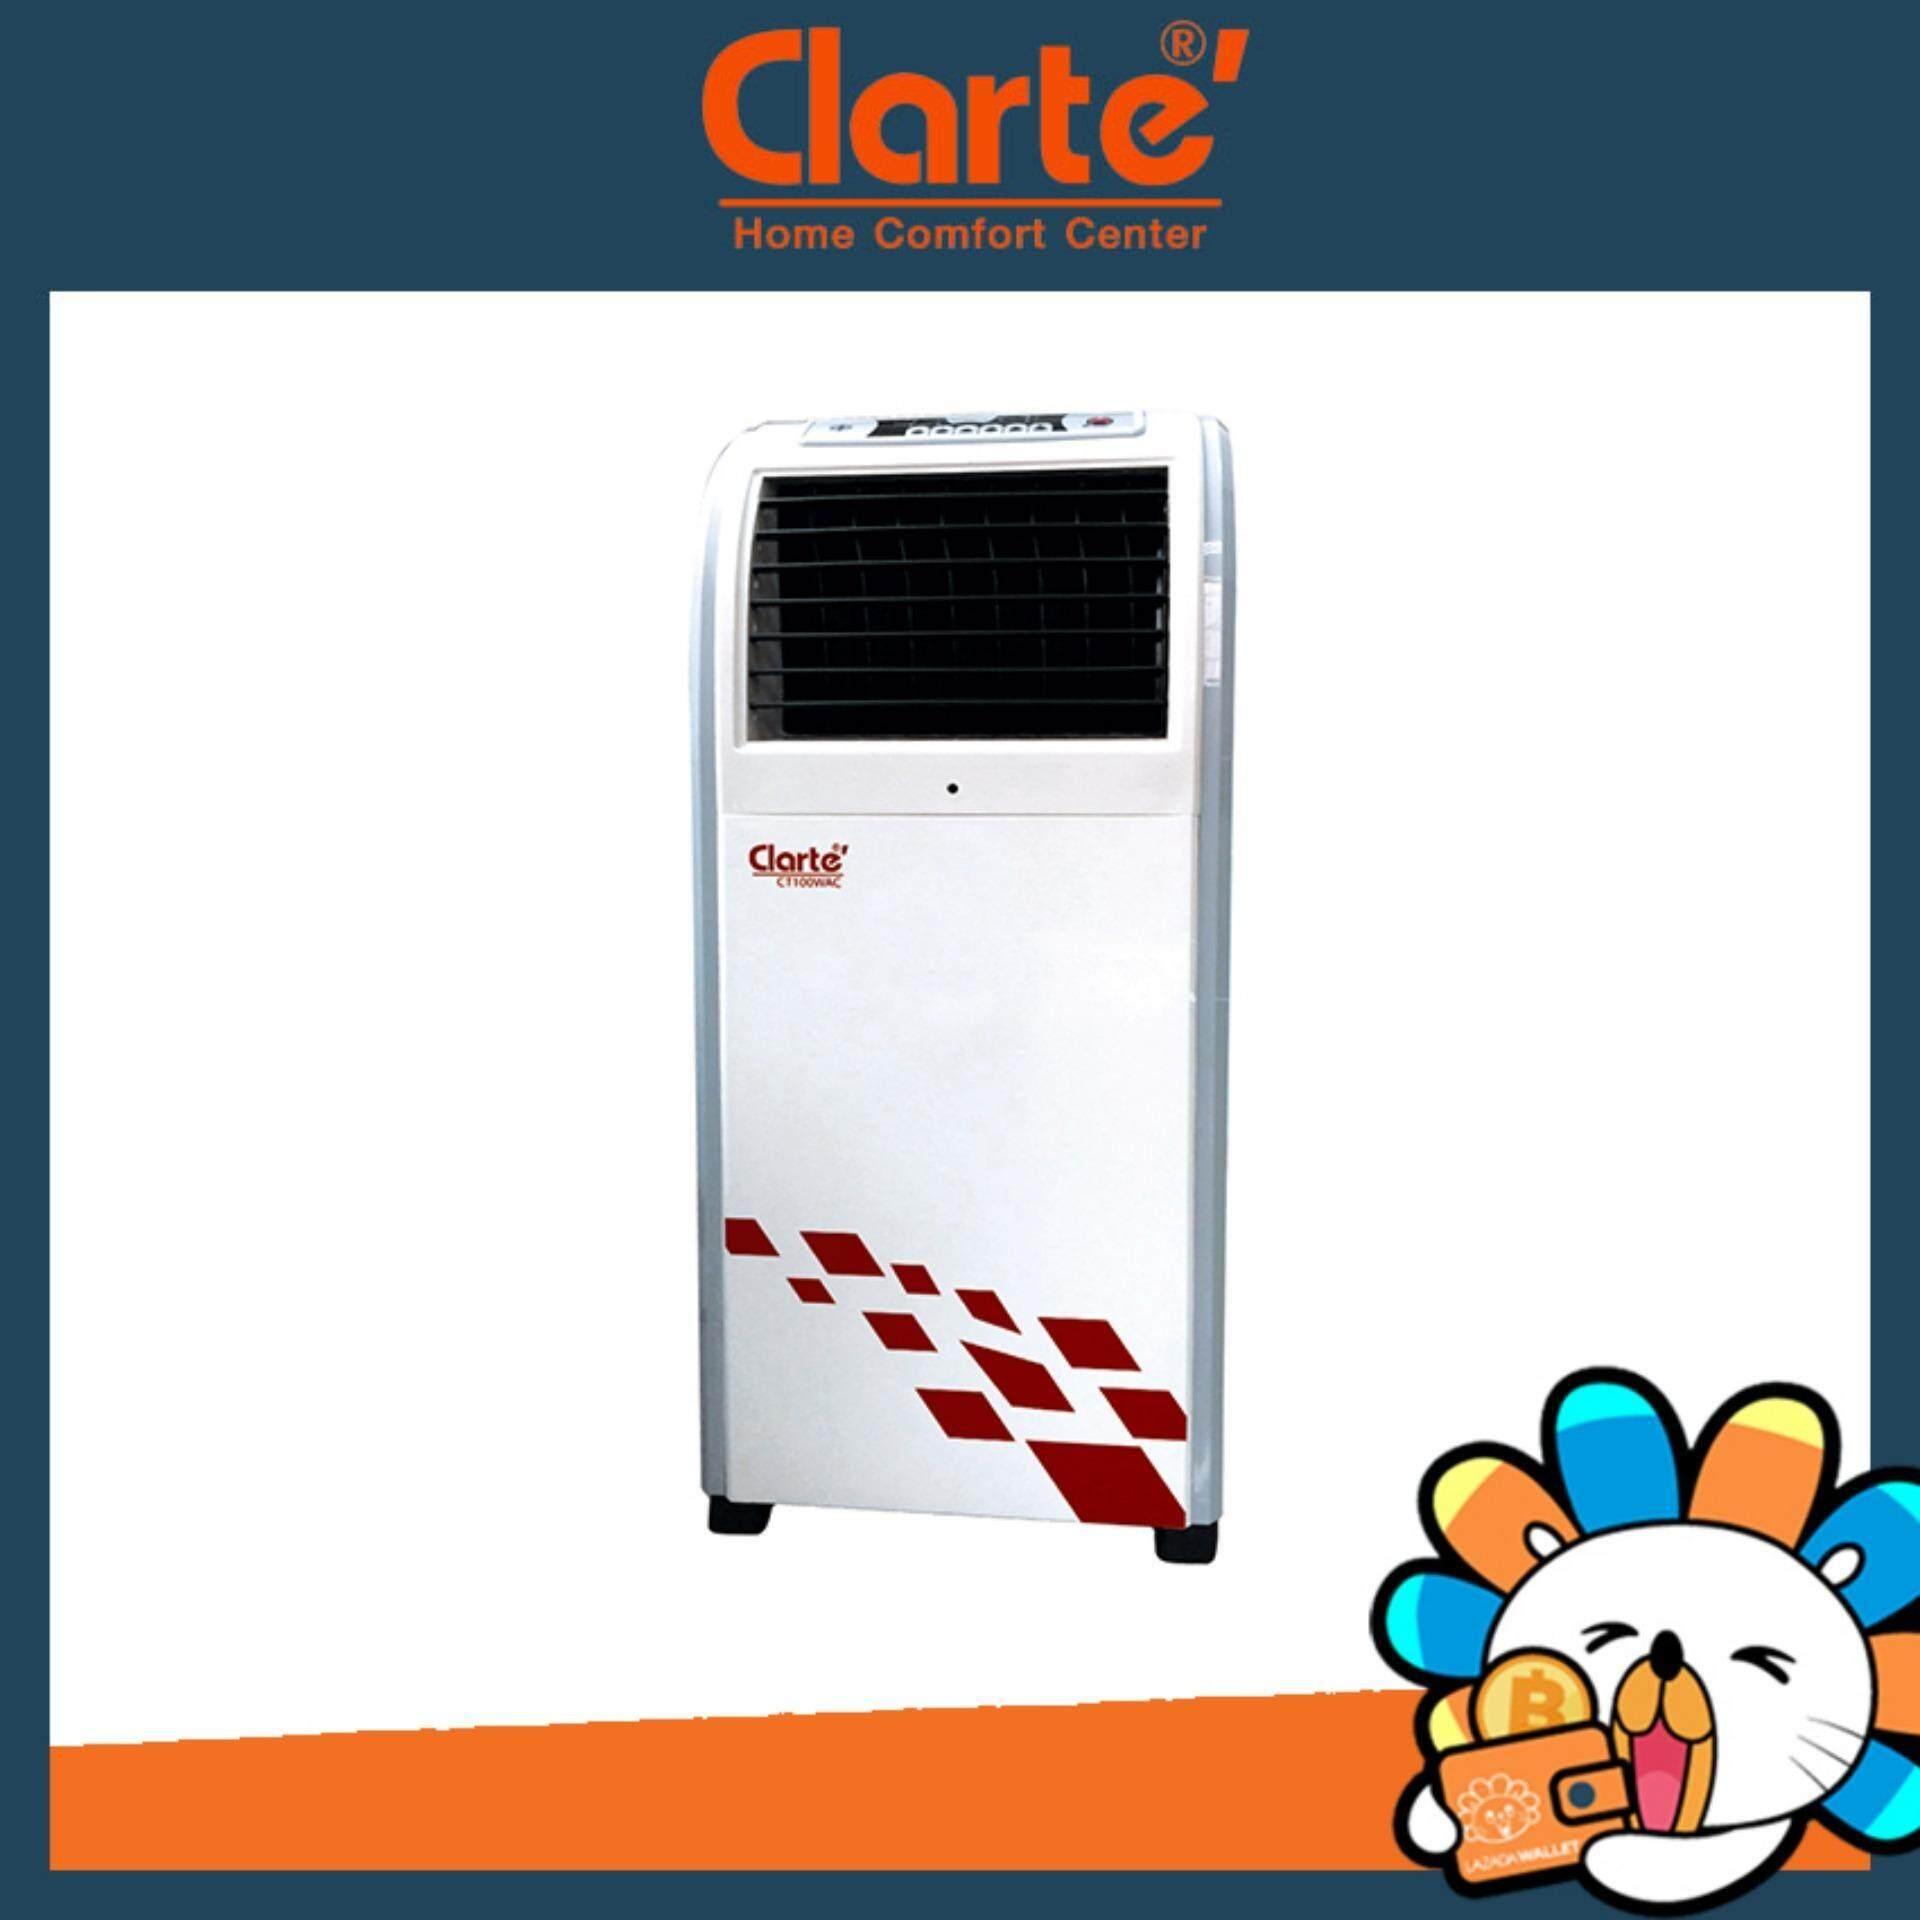 ซื้อ Clarte พัดลมไอเย็น รุ่น Ct100Wac W ถูก กรุงเทพมหานคร